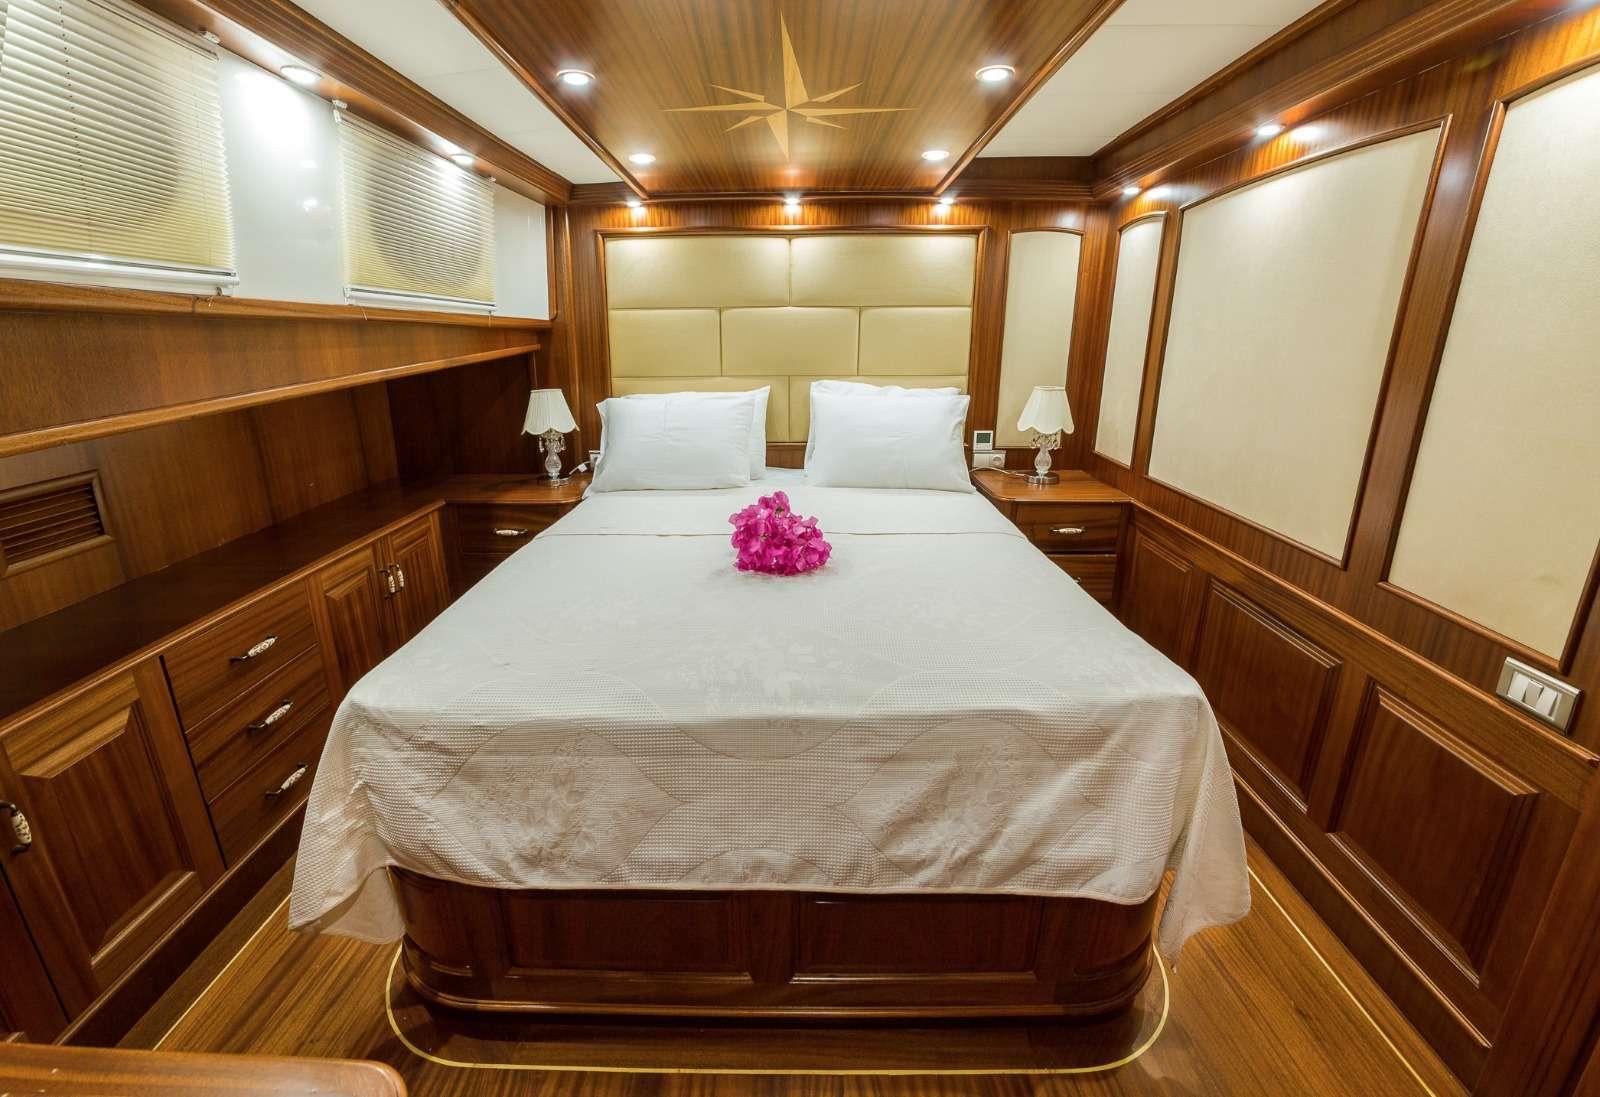 HALCON DEL MAR yacht image # 16